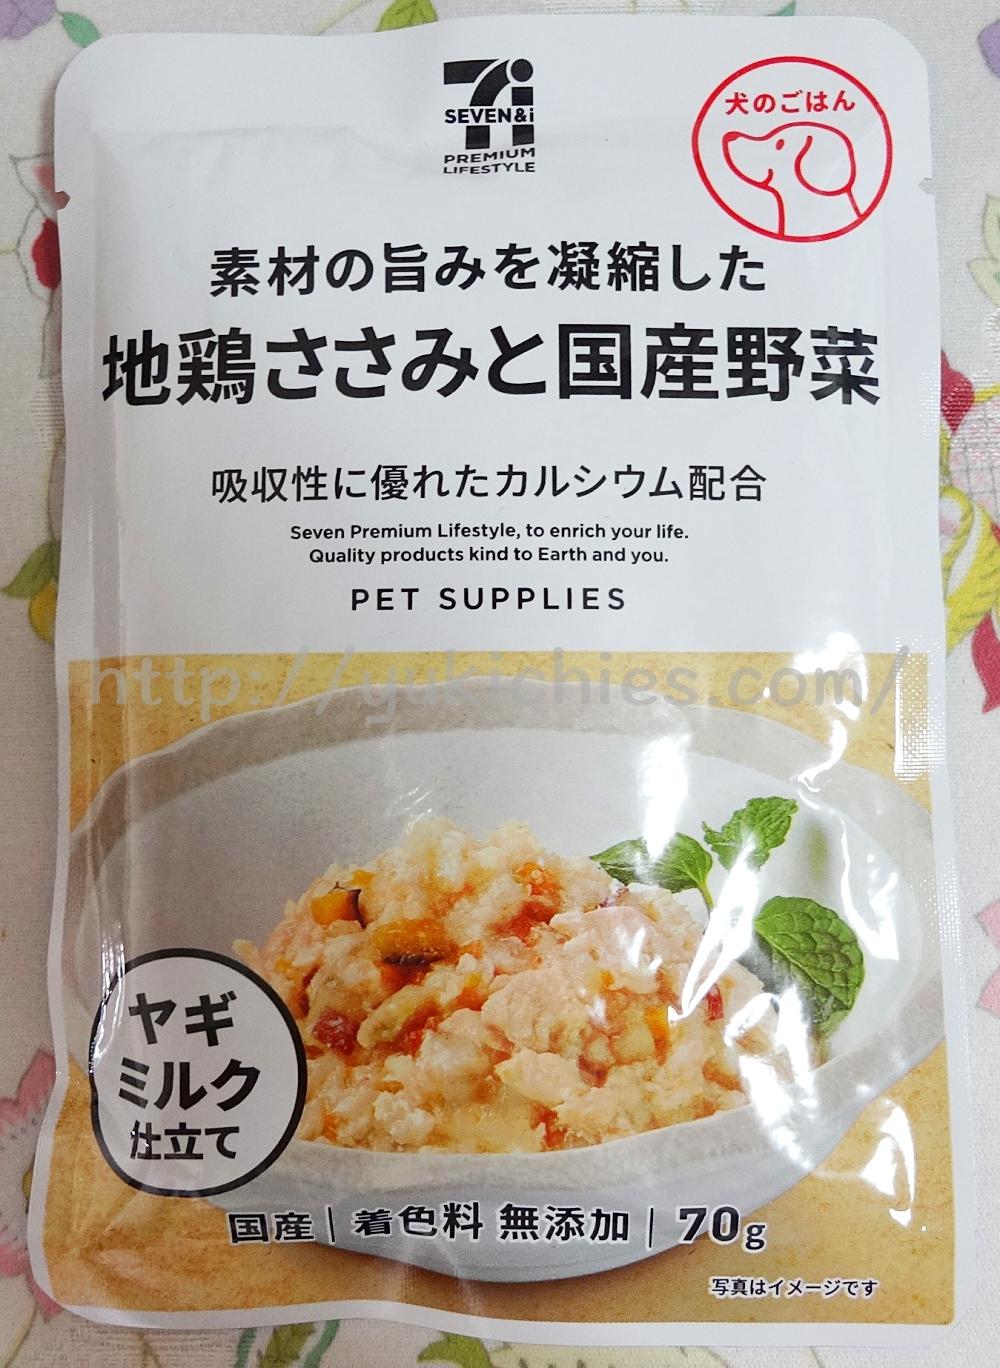 素材の旨みを凝縮した地鶏ささみと国産野菜 吸収性に優れたカルシウム配合(ヤギミルク仕立て)